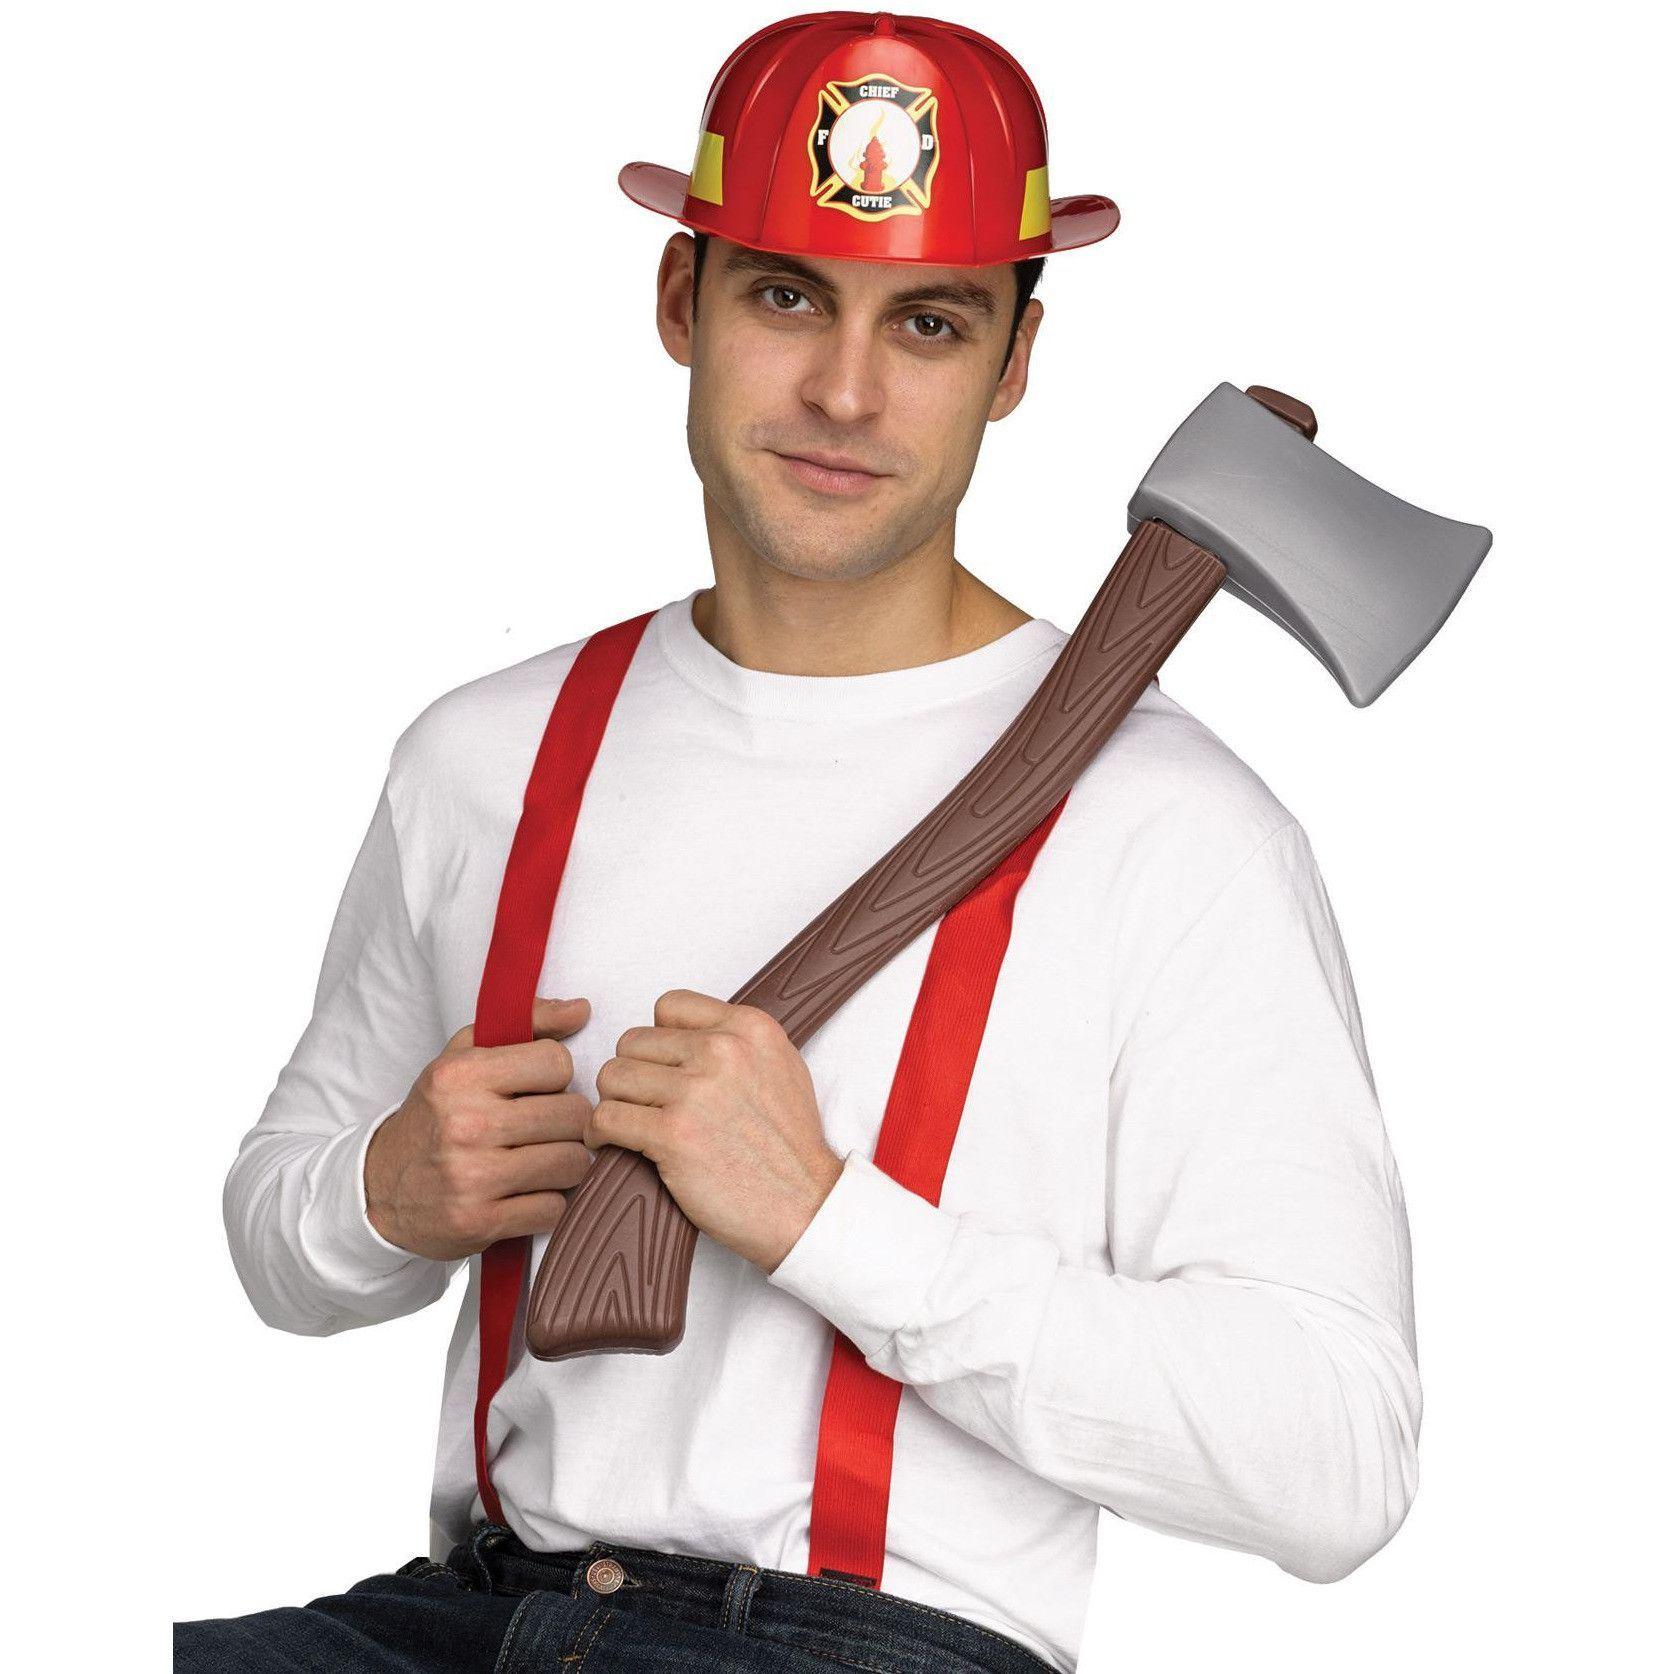 Firefighter-instant Kit